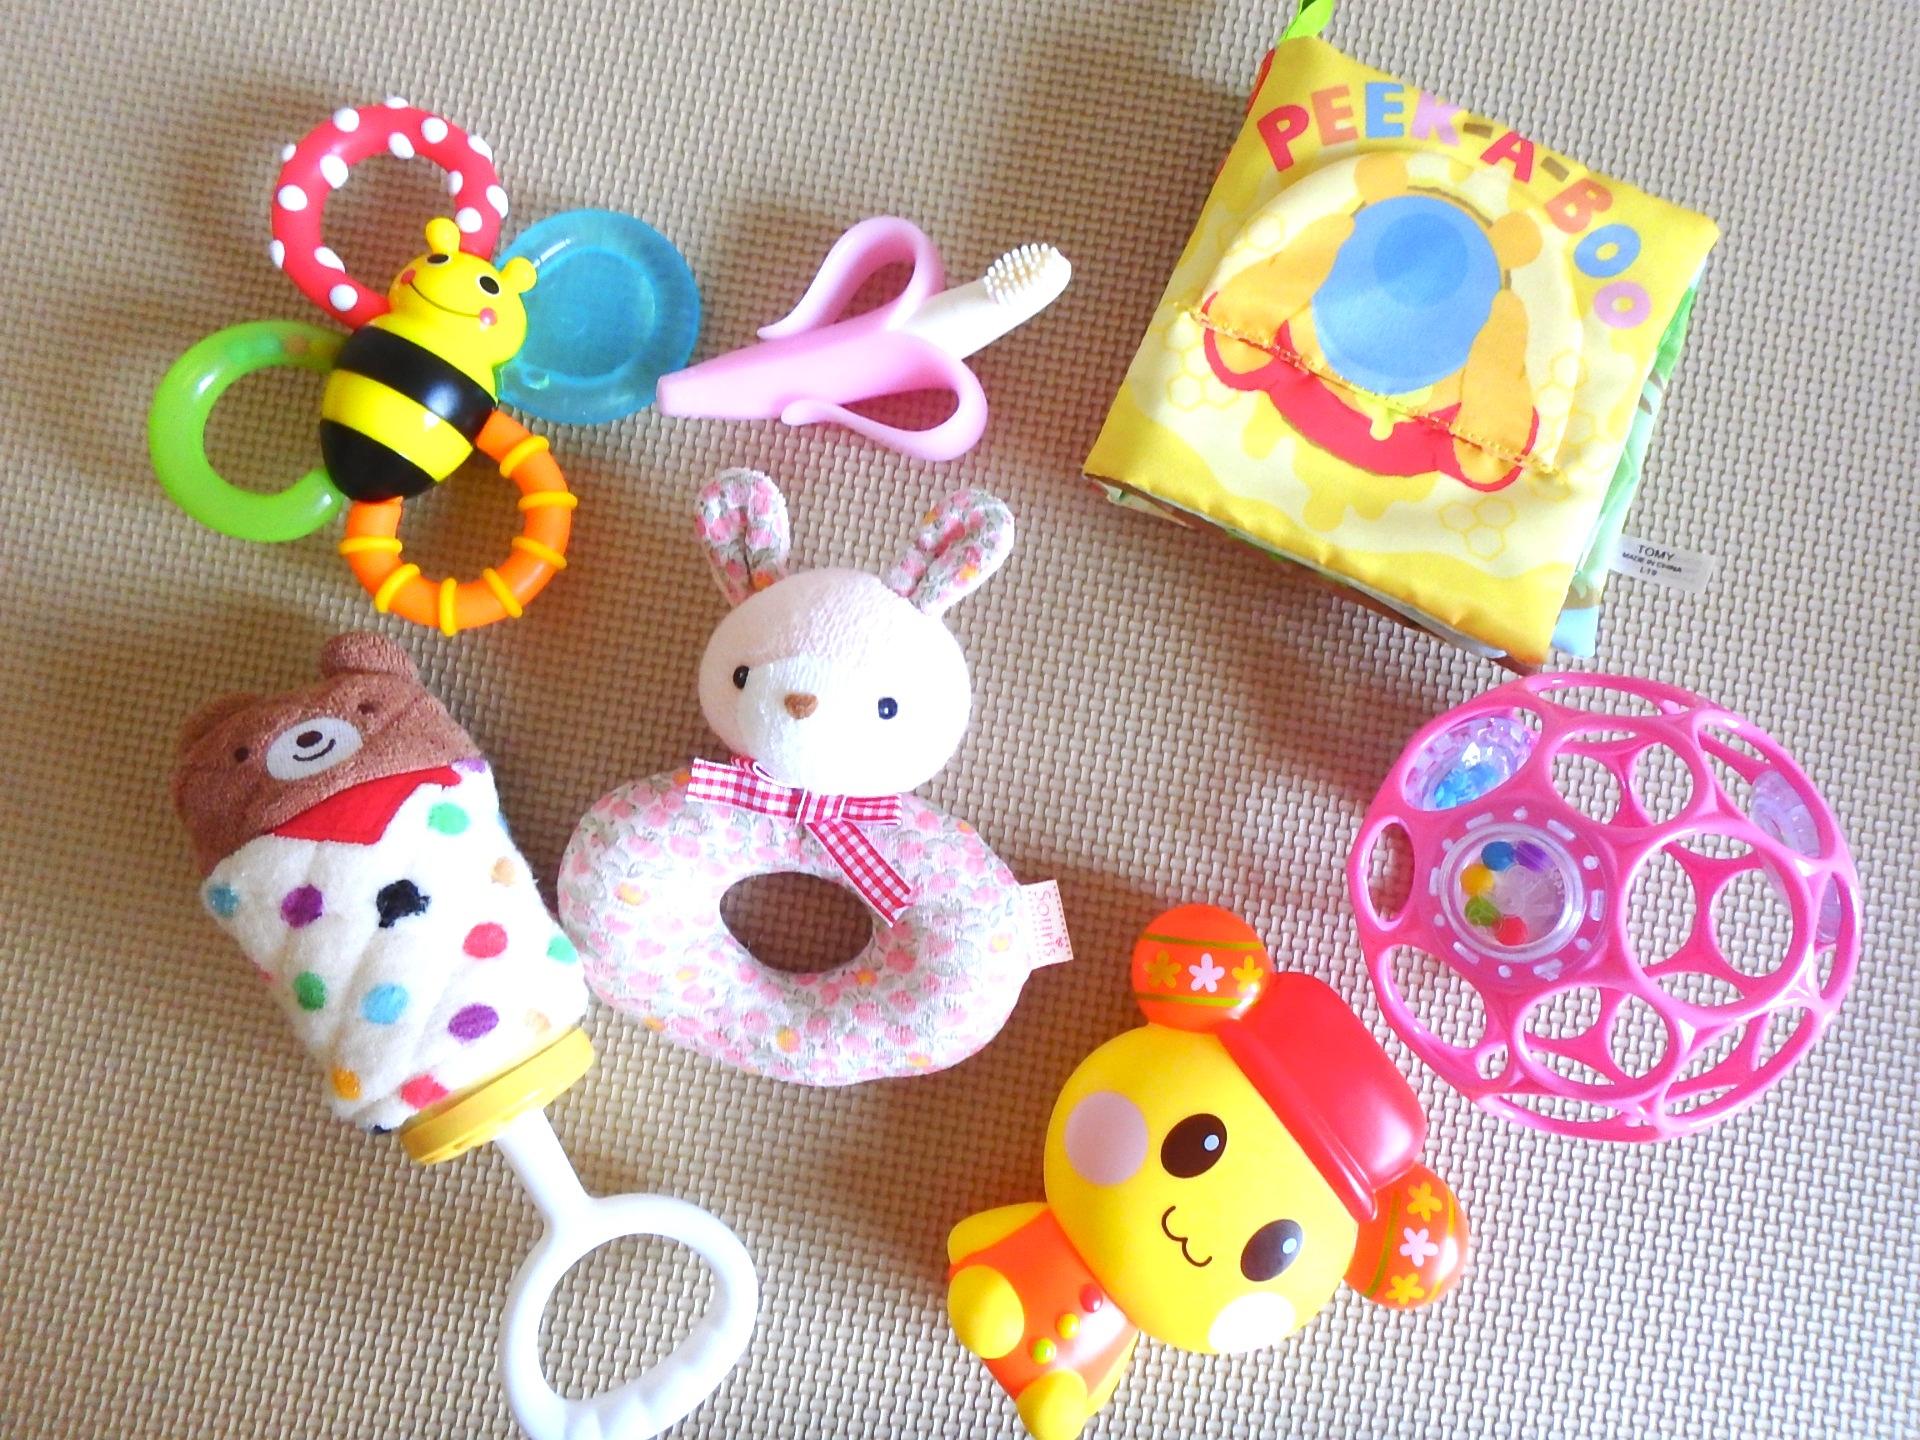 赤ちゃん連れ 旅行 持ち物 おもちゃ